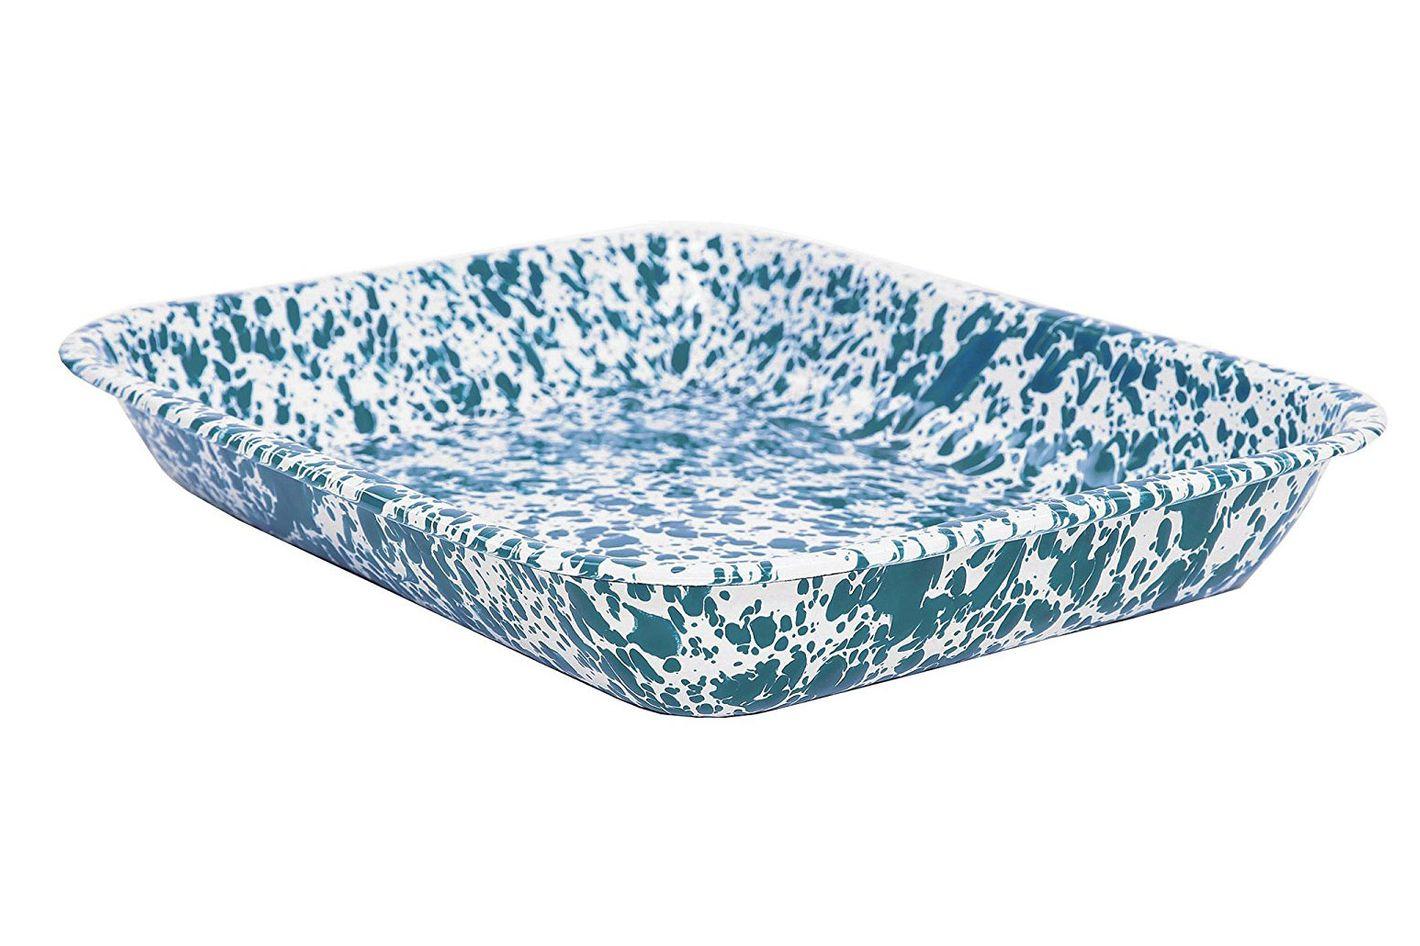 Enamelware Large Roasting Pan — Turquoise Marble